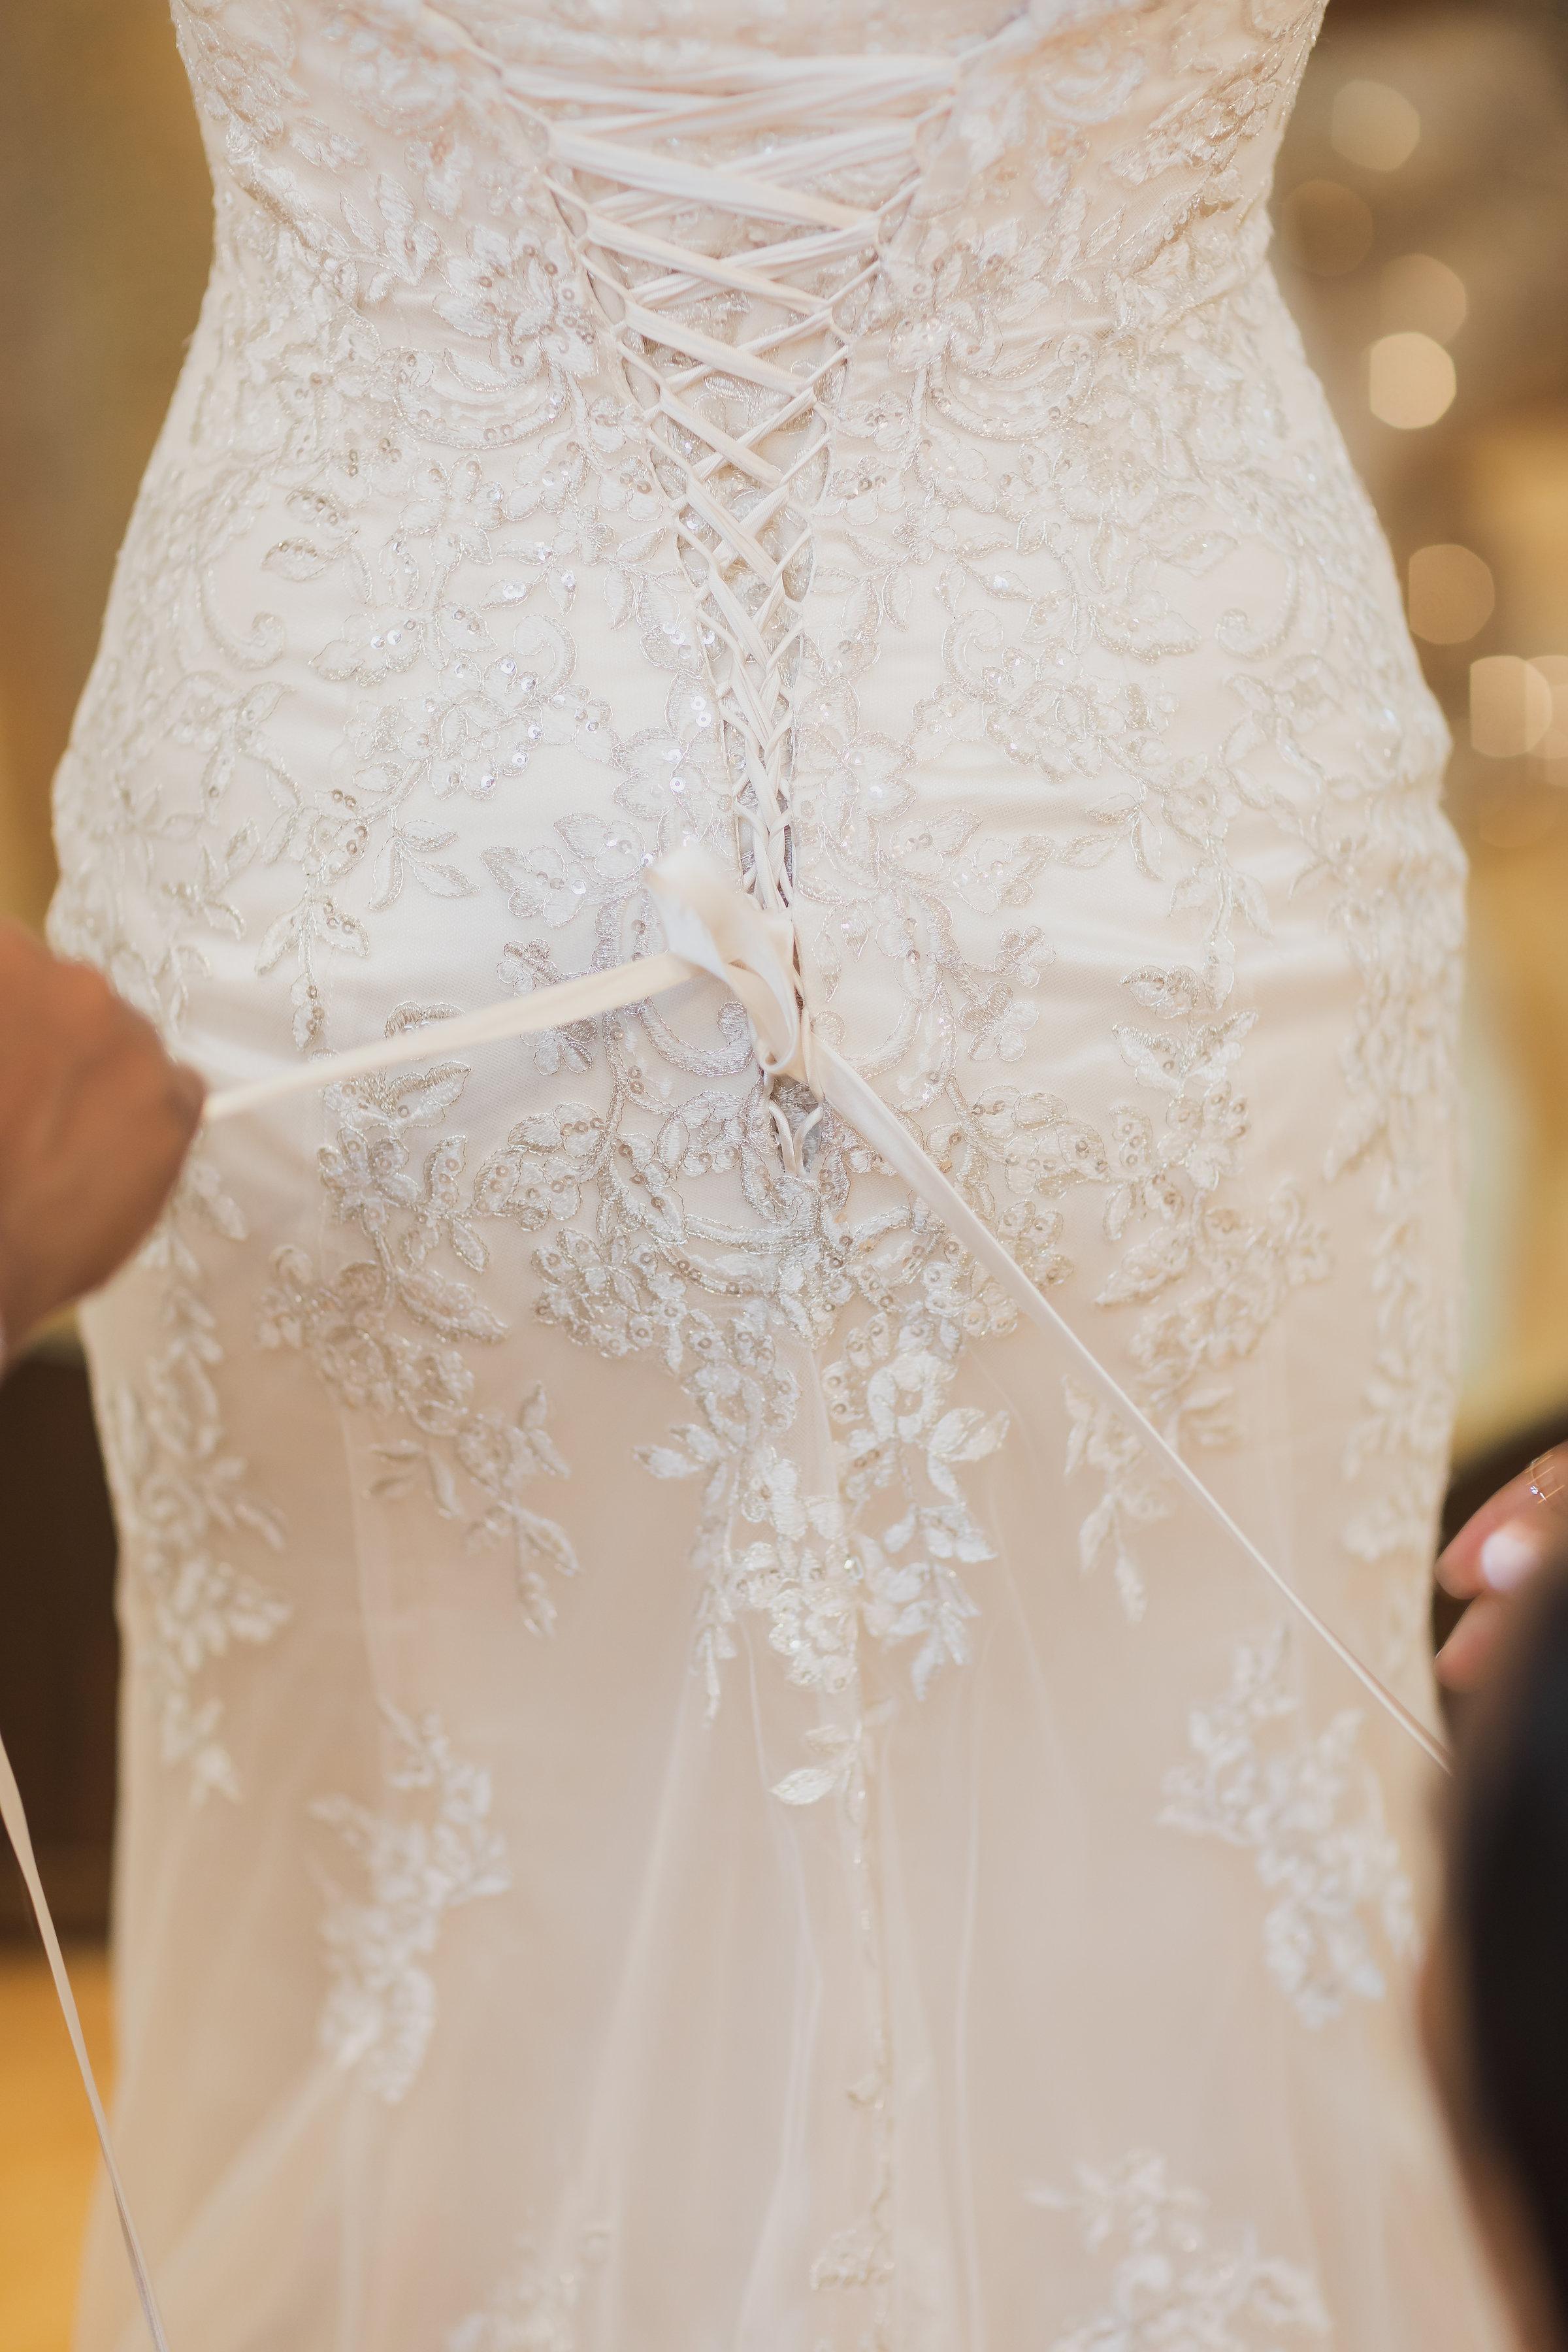 ! Wedding Dress Details Getting Ready.jpg